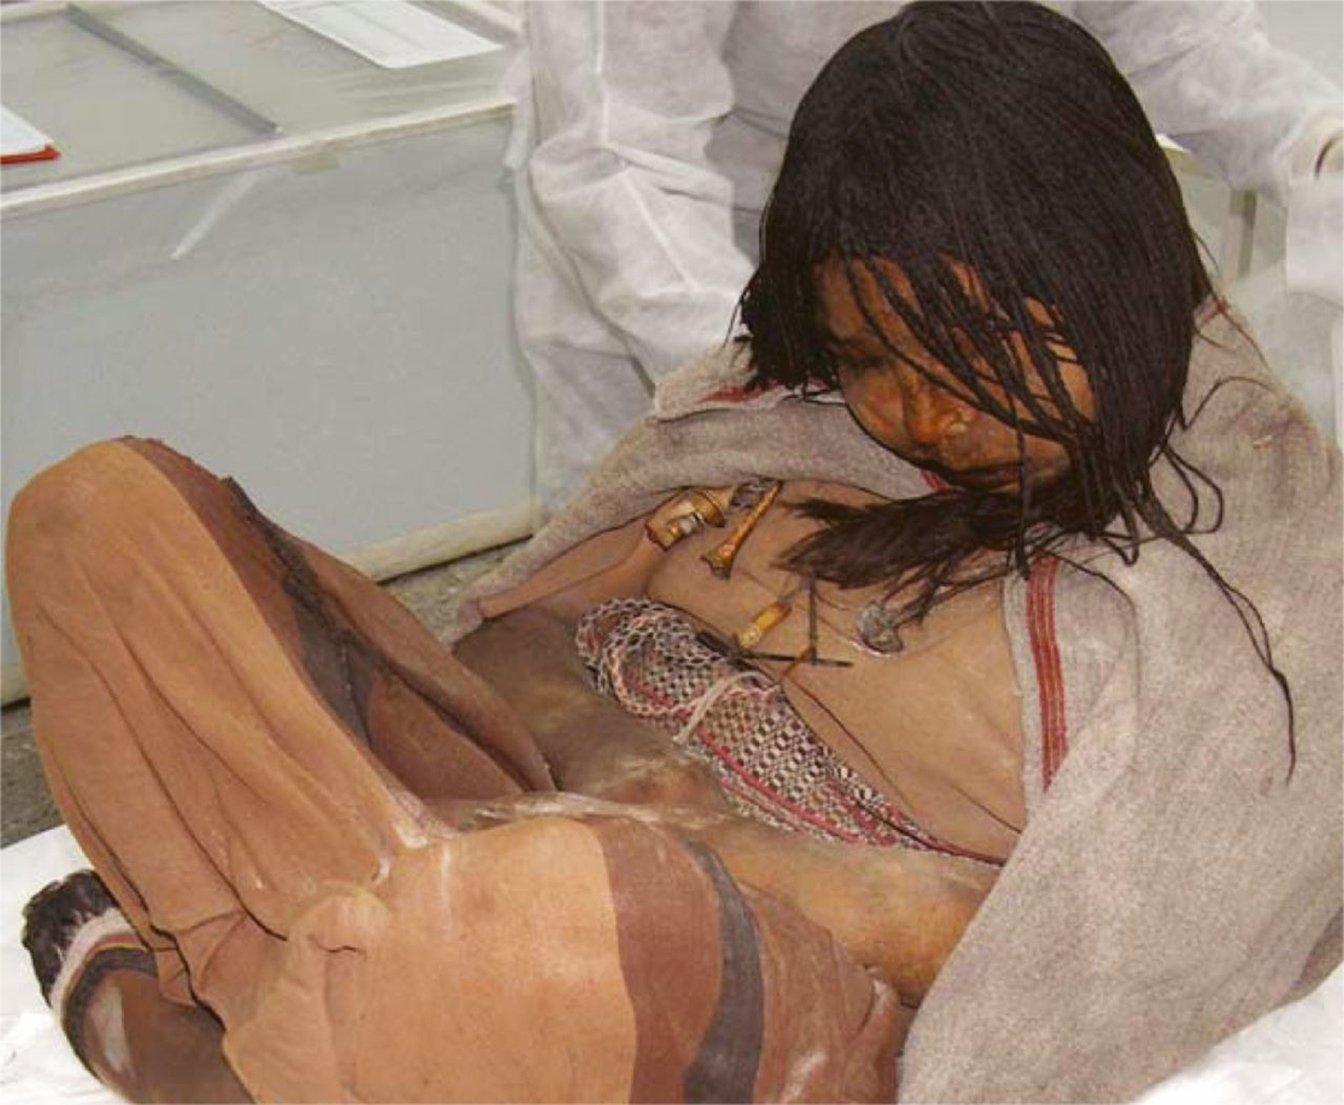 """La """"chica de Llulliaillaco"""", mummia andina peruviana di una bambina di 13-15 anni, 1500 d.C. In bocca tiene ancora un bolo di foglie di coca"""